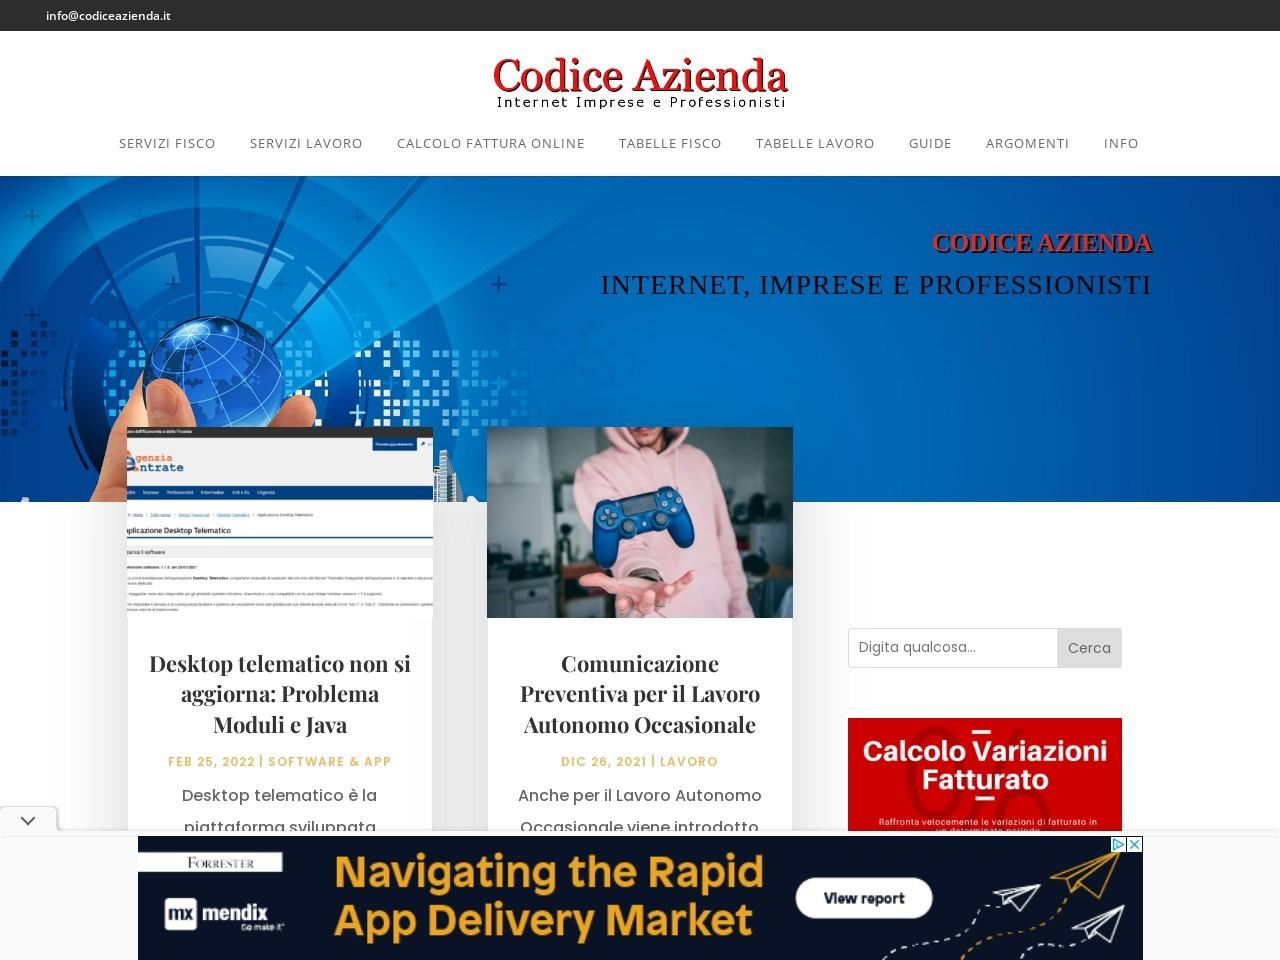 codice-azienda-internet-imprese-professionisti